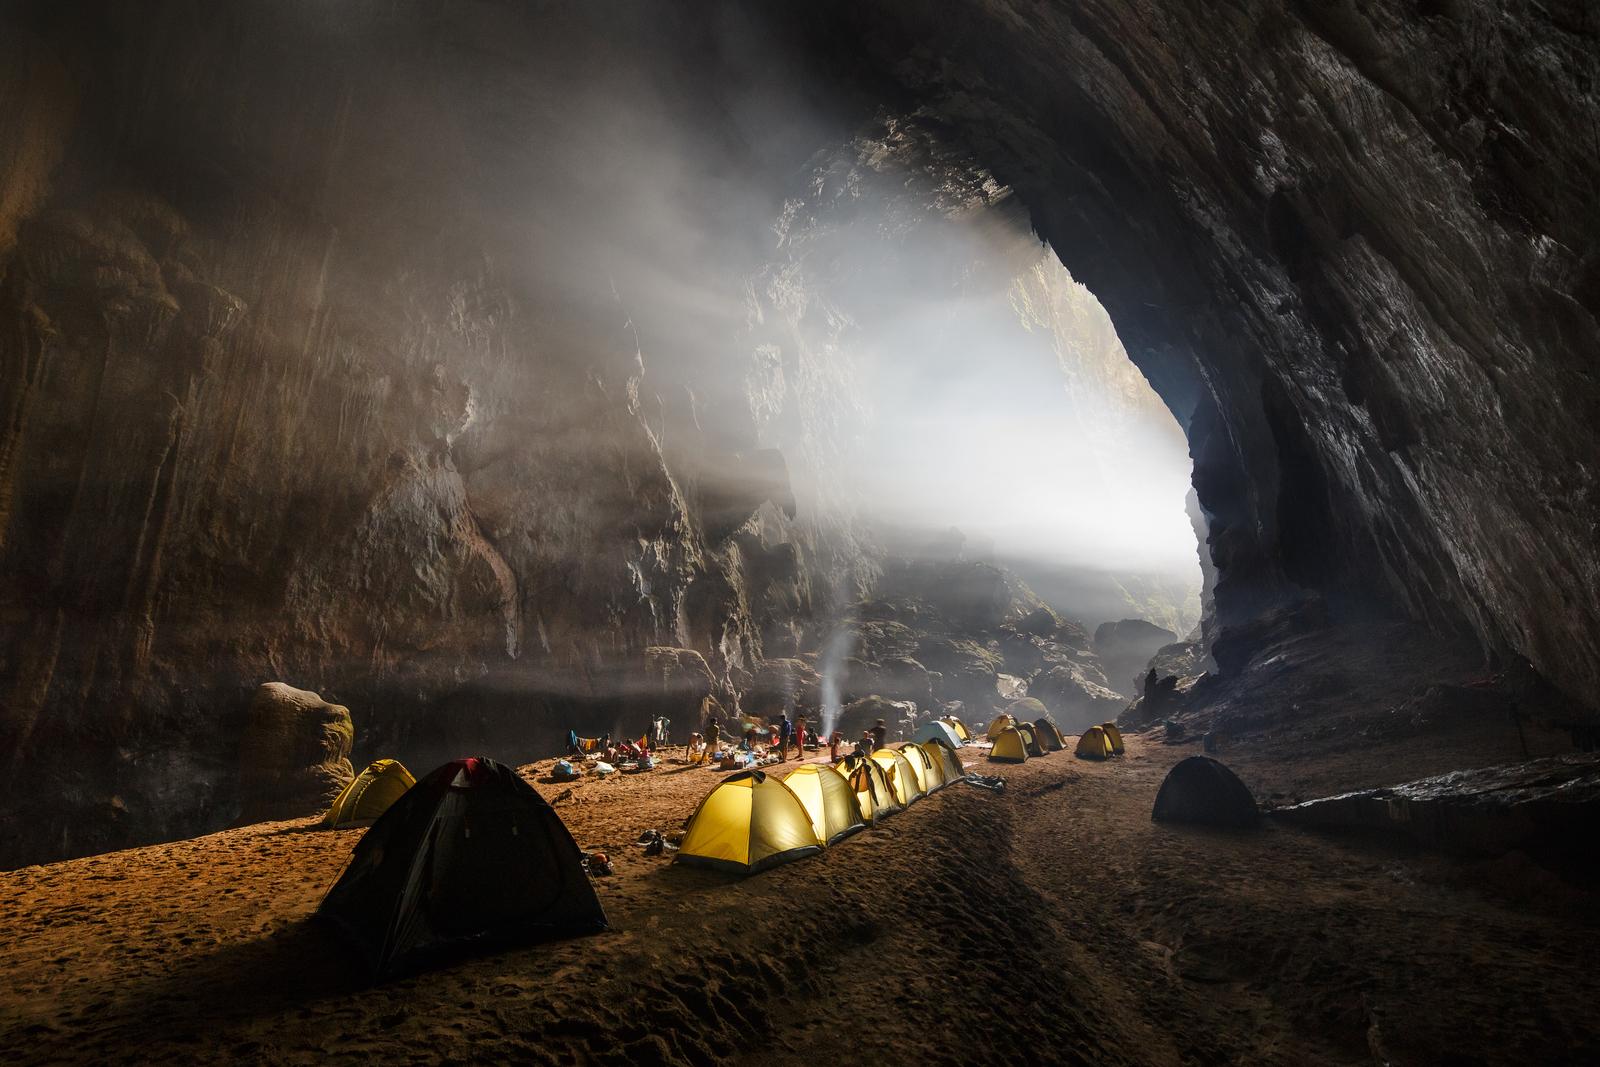 Vietnam's Phong Nha-Ke Bang among world's 25 best national parks